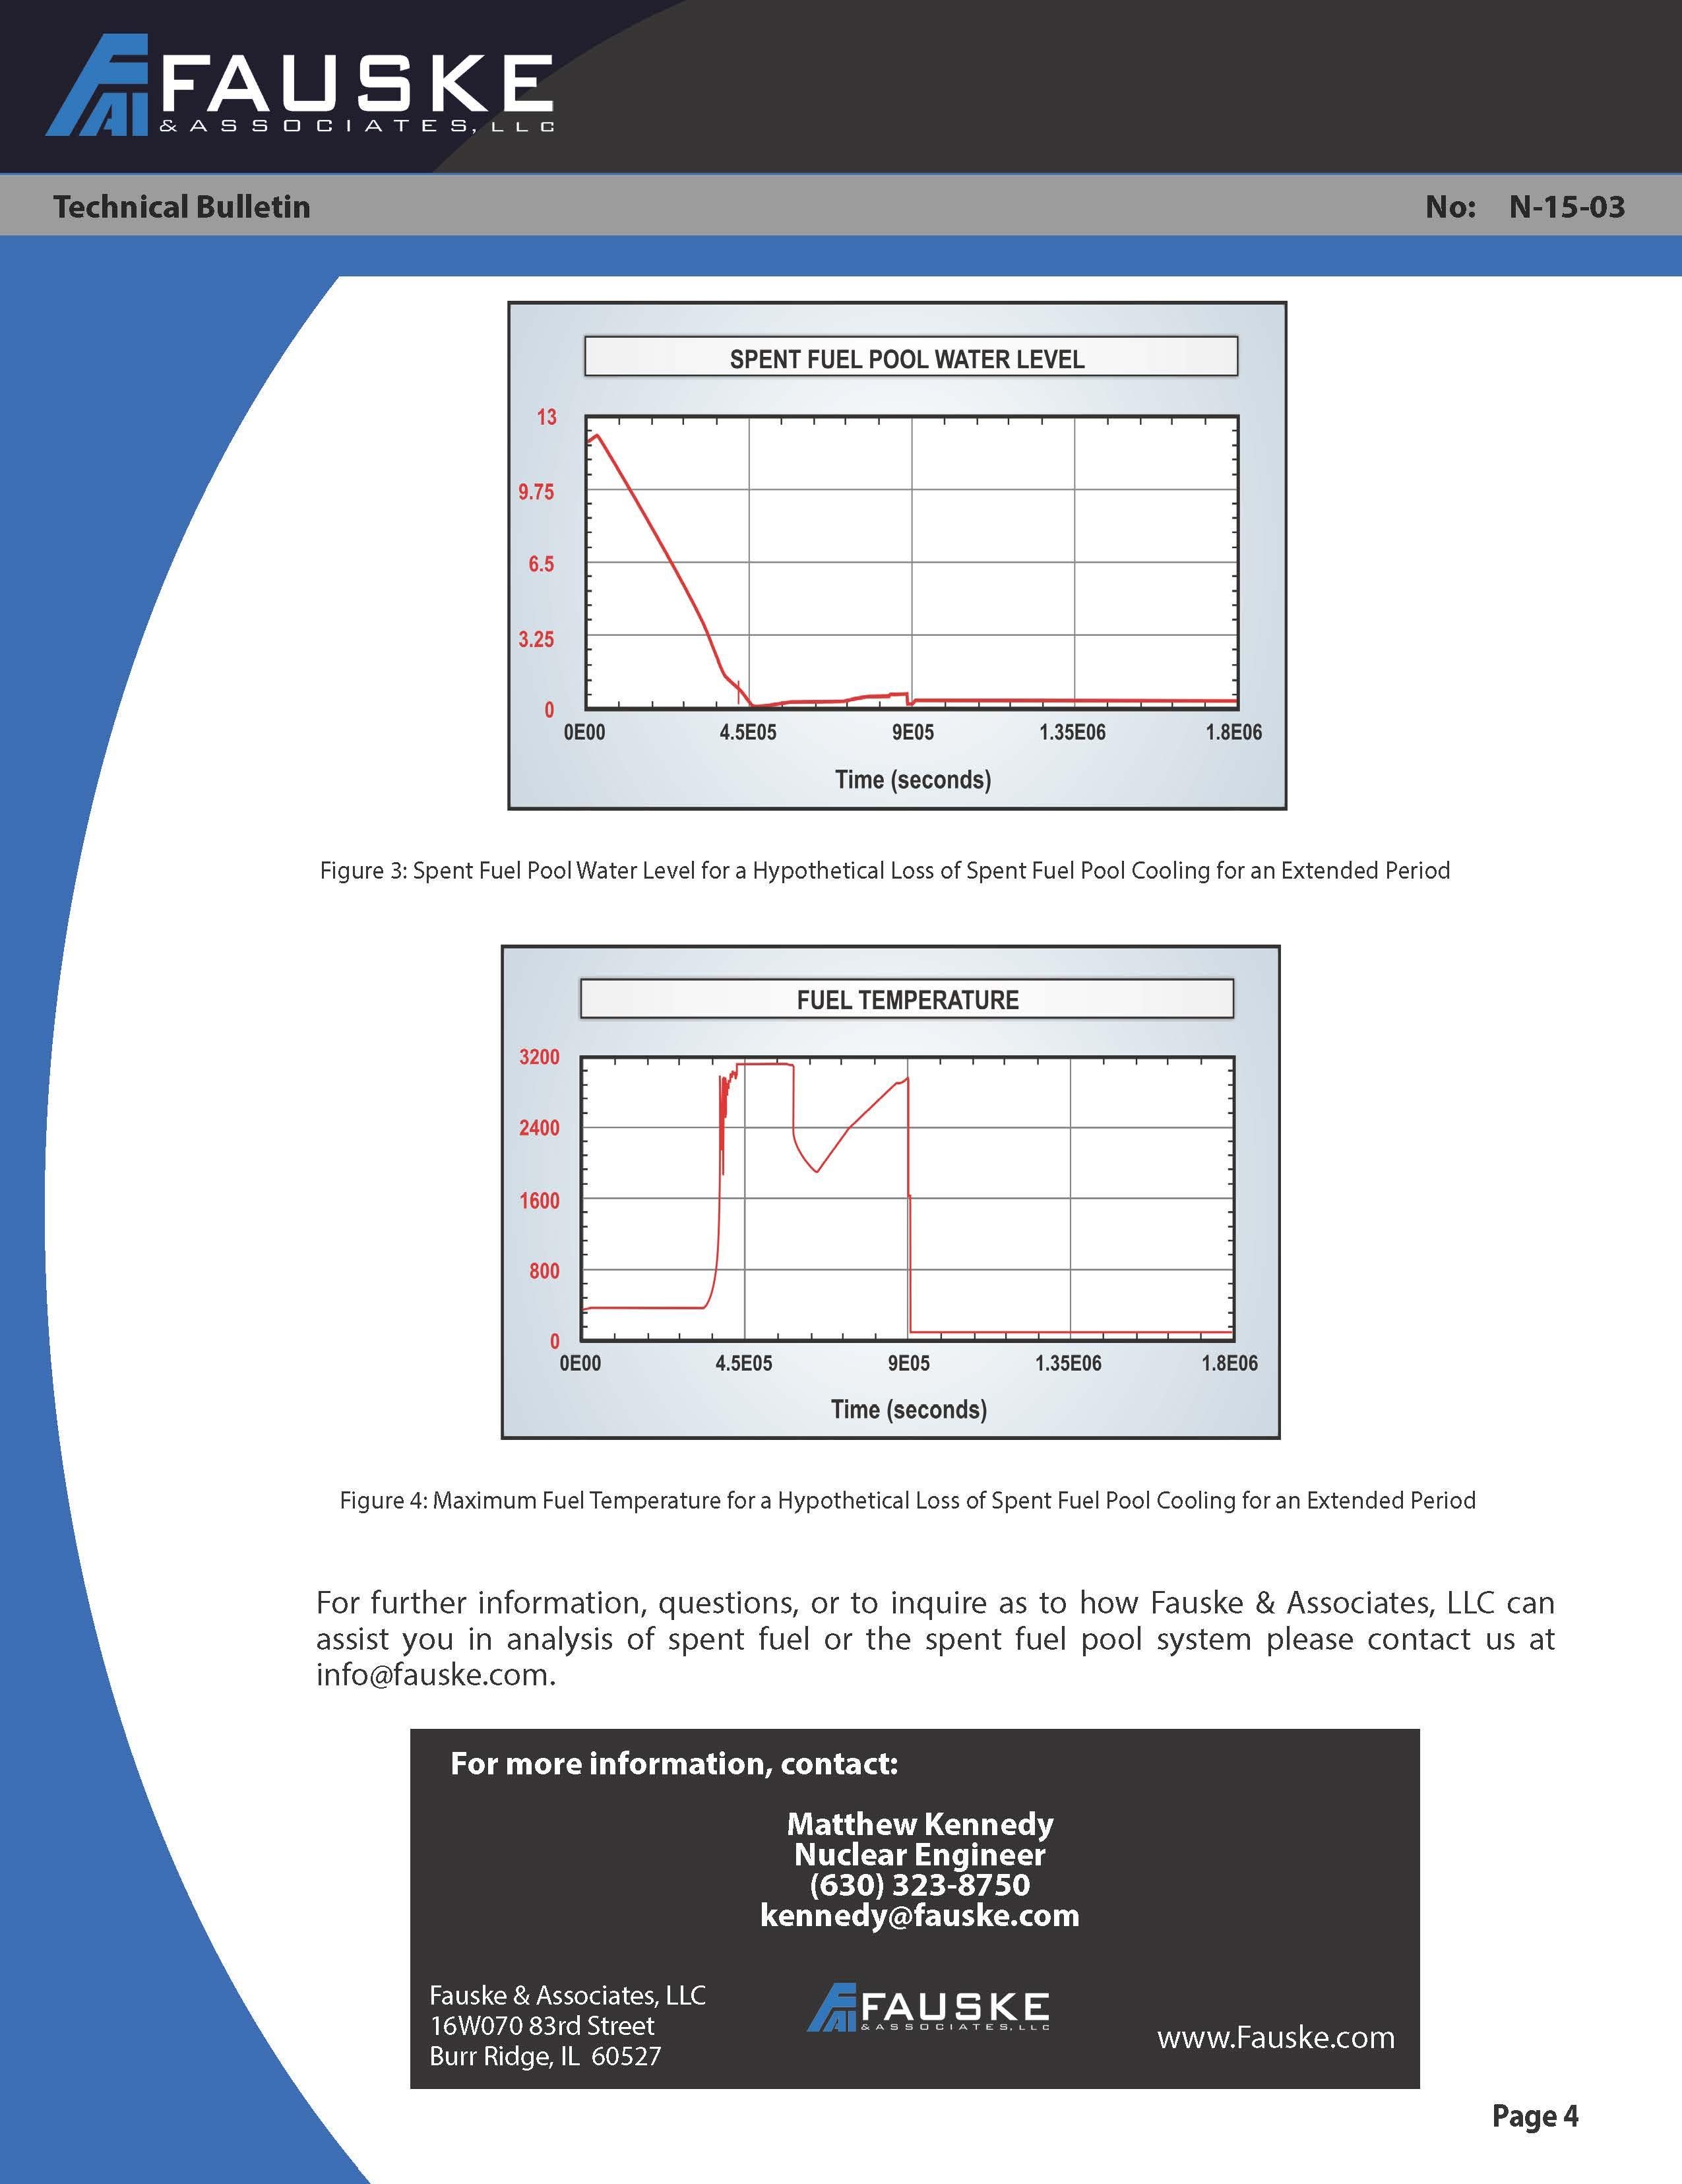 N-15-03ModelingoftheSpentFuelPoolDuringSevereAccidentsUsingtheMAAPCode_Page_4